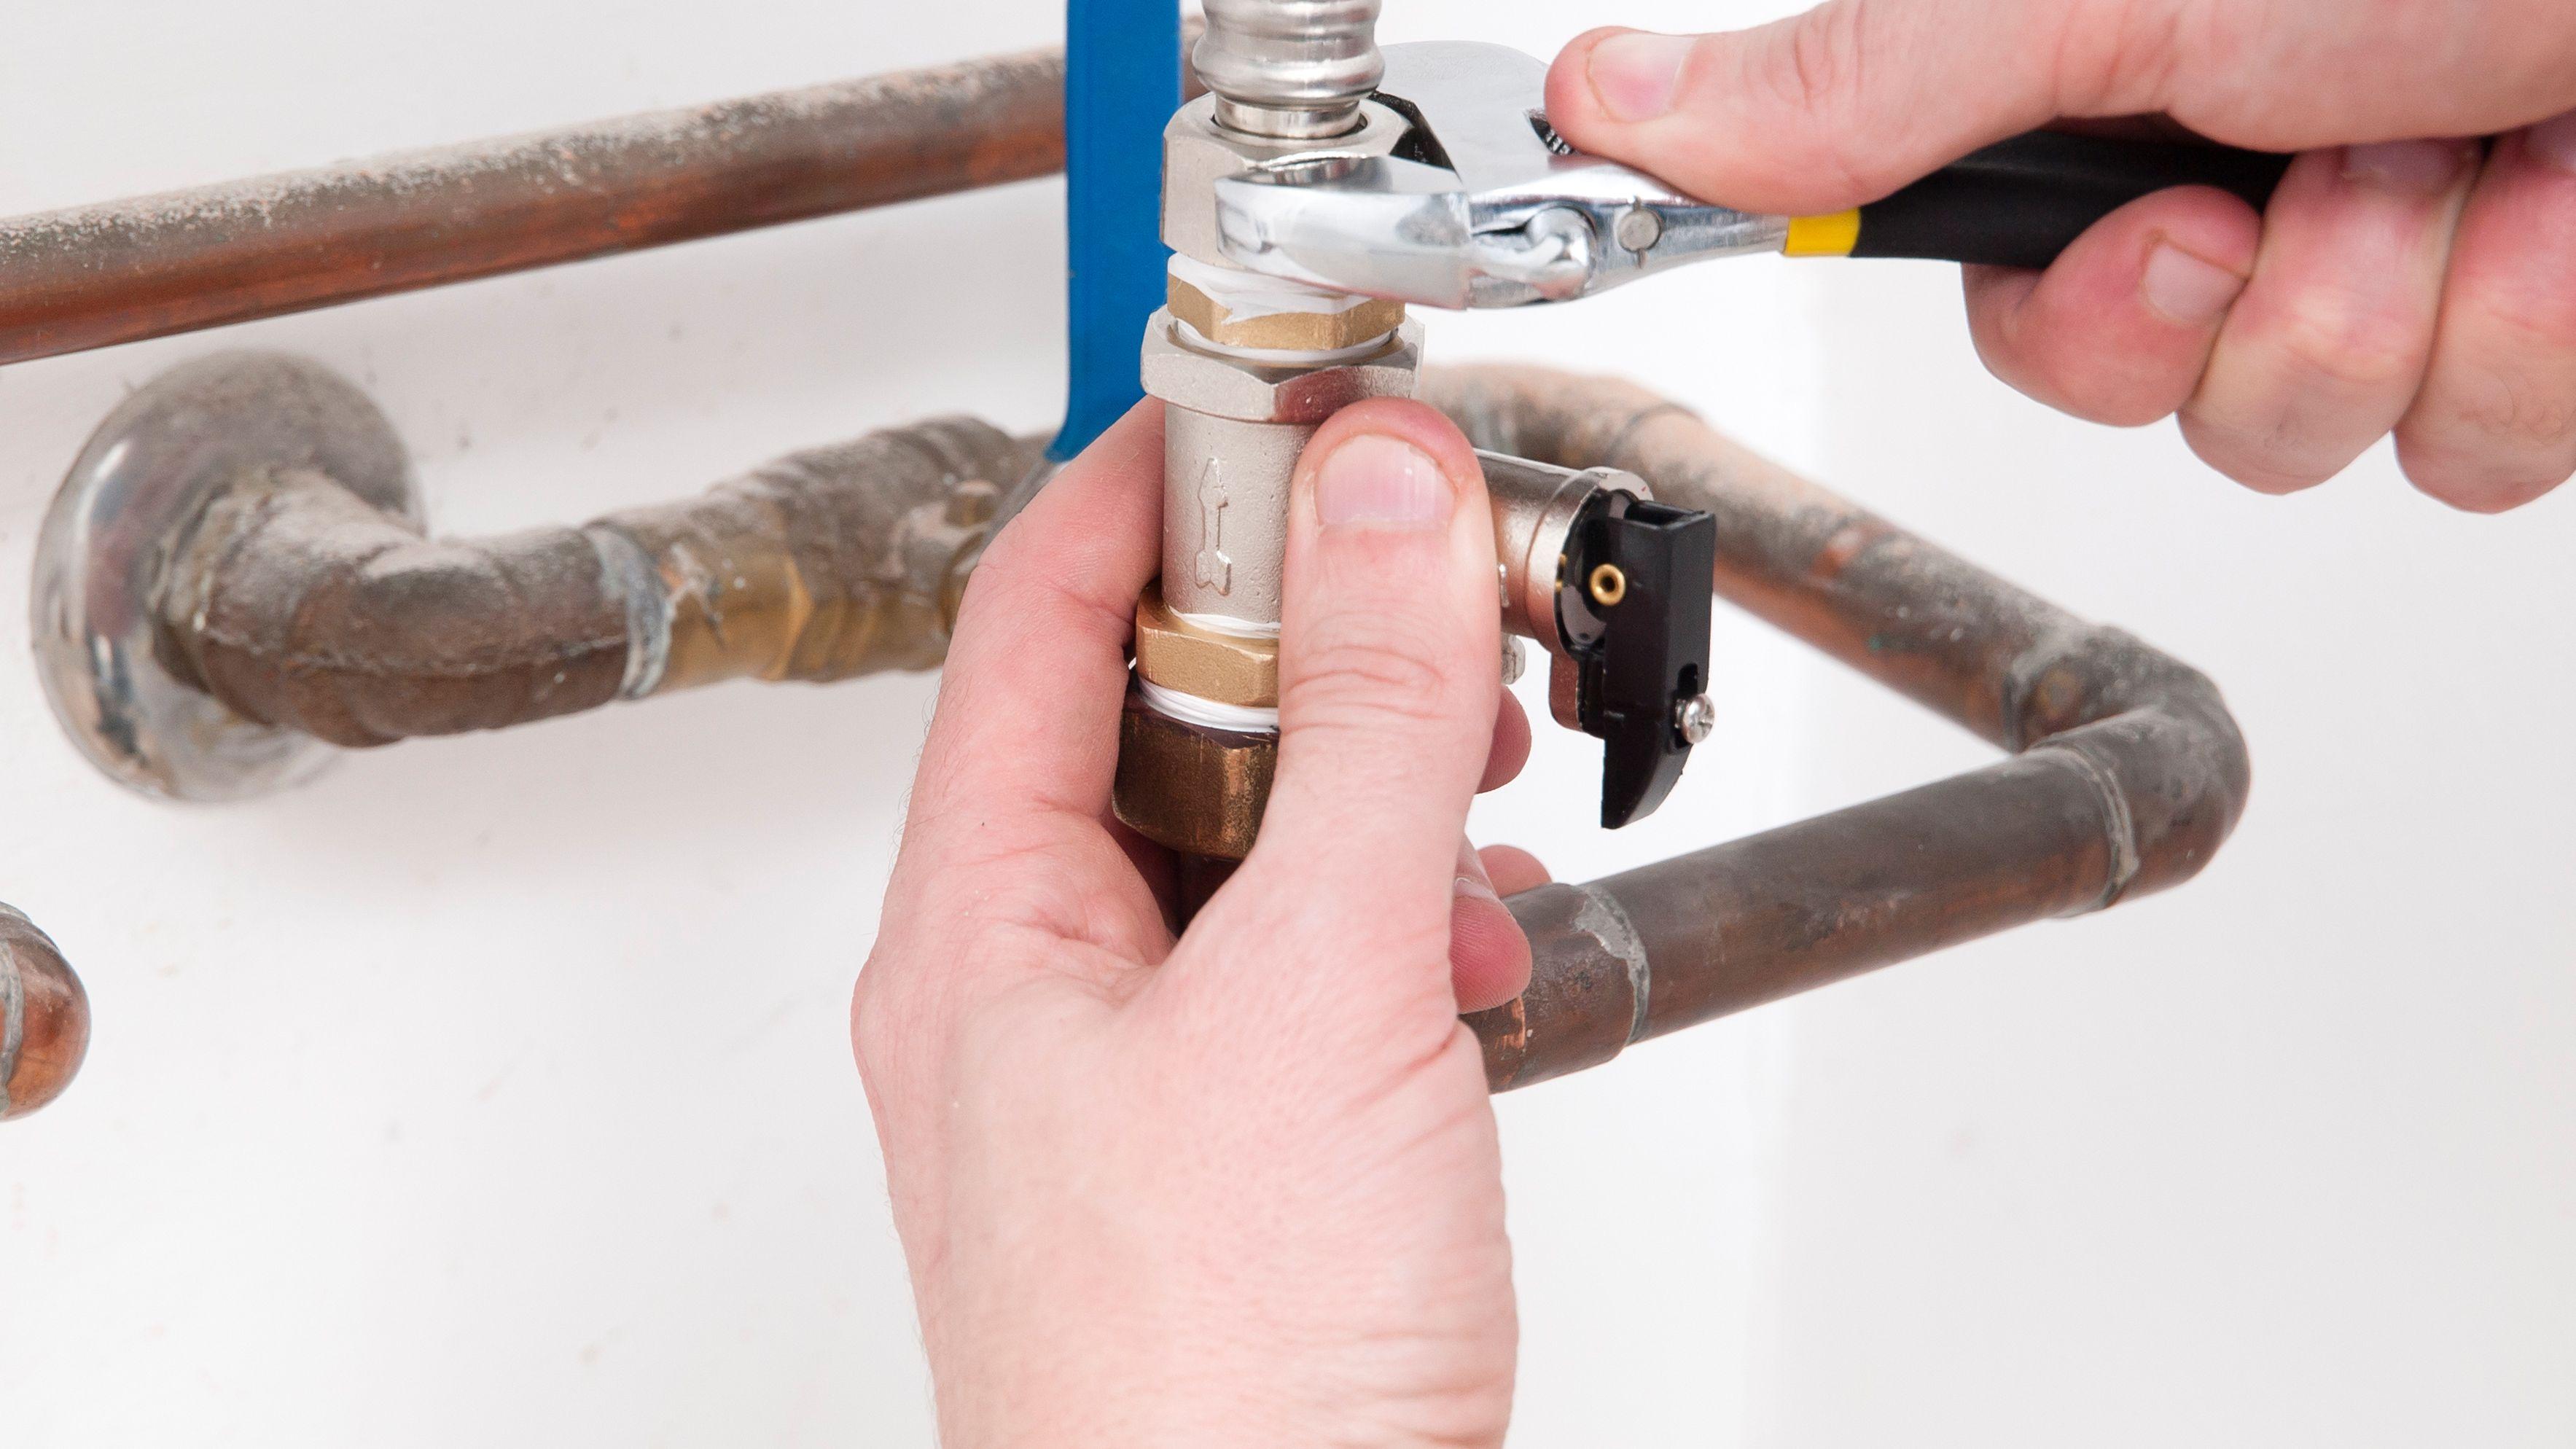 Comment changer le groupe de sécurité d'un chauffe-eau électrique